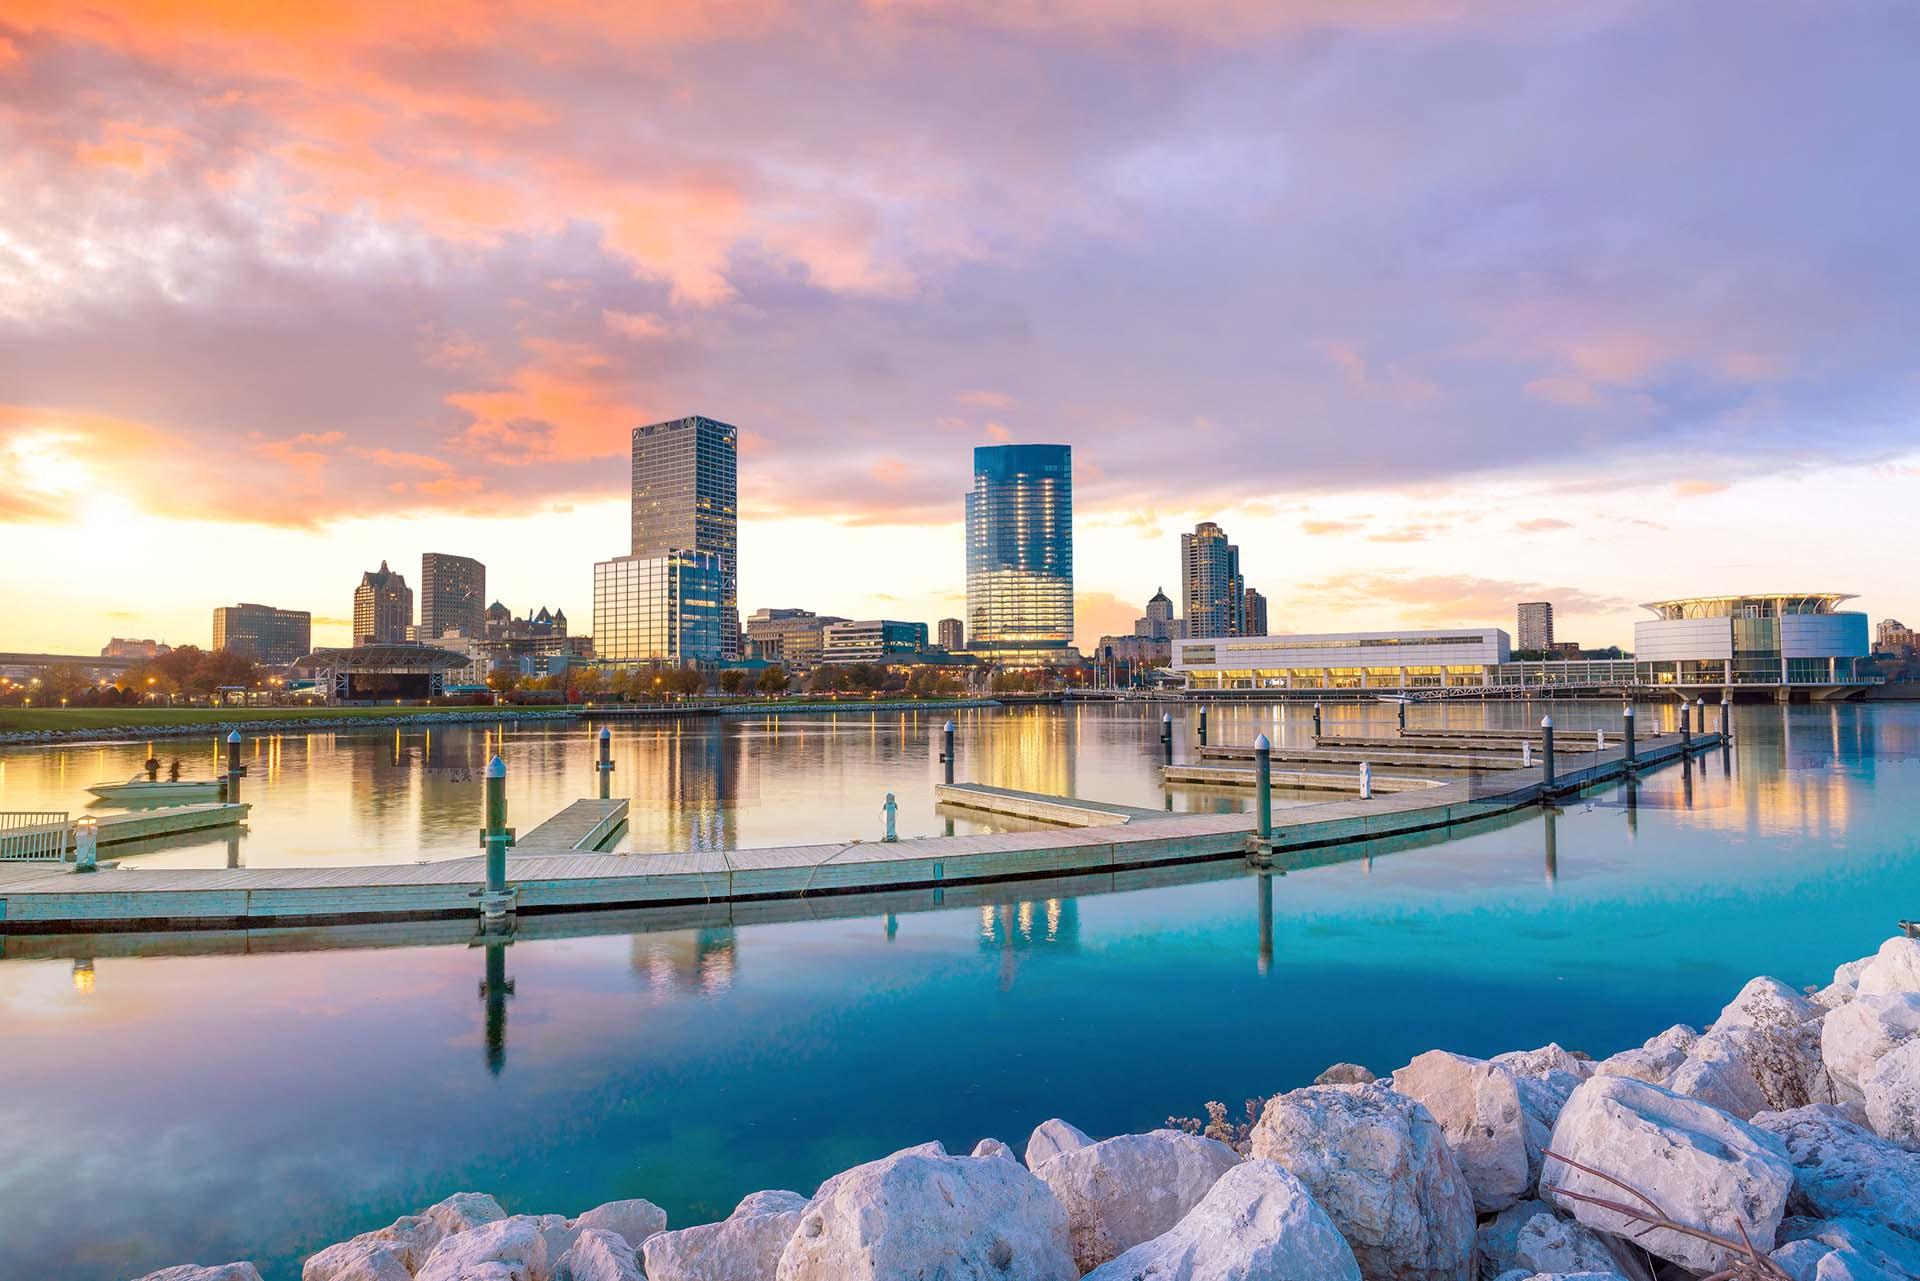 Milwaukee, Wisconsin, ocupa el primer lugar en la lista de destinos de tendencias de Airbnb para 2020 con un crecimiento masivo del 729% en las reservas anuales. Un tesoro histórico bañado por las orillas del lago Michigan